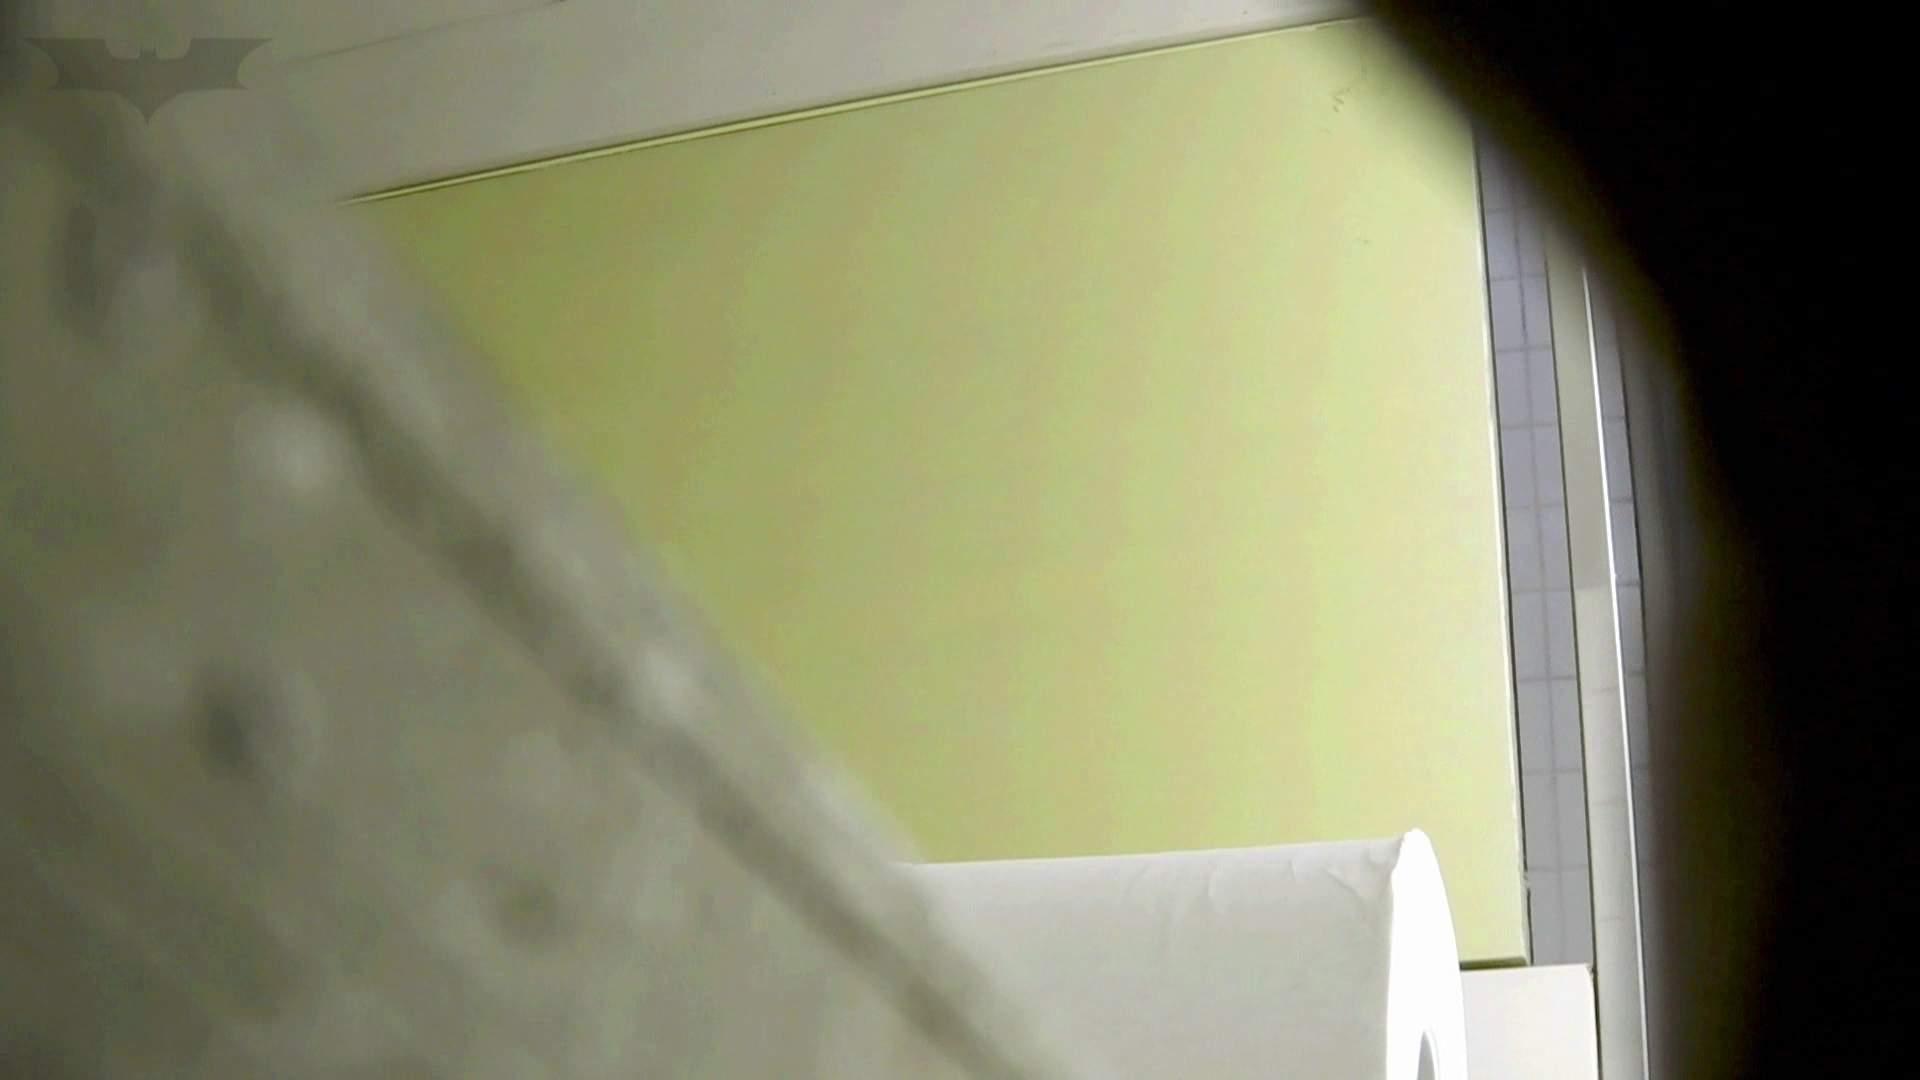 洗面所特攻隊 vol.74 last 2総勢16名激撮【2015・29位】 洗面所着替え | OL  37連発 24